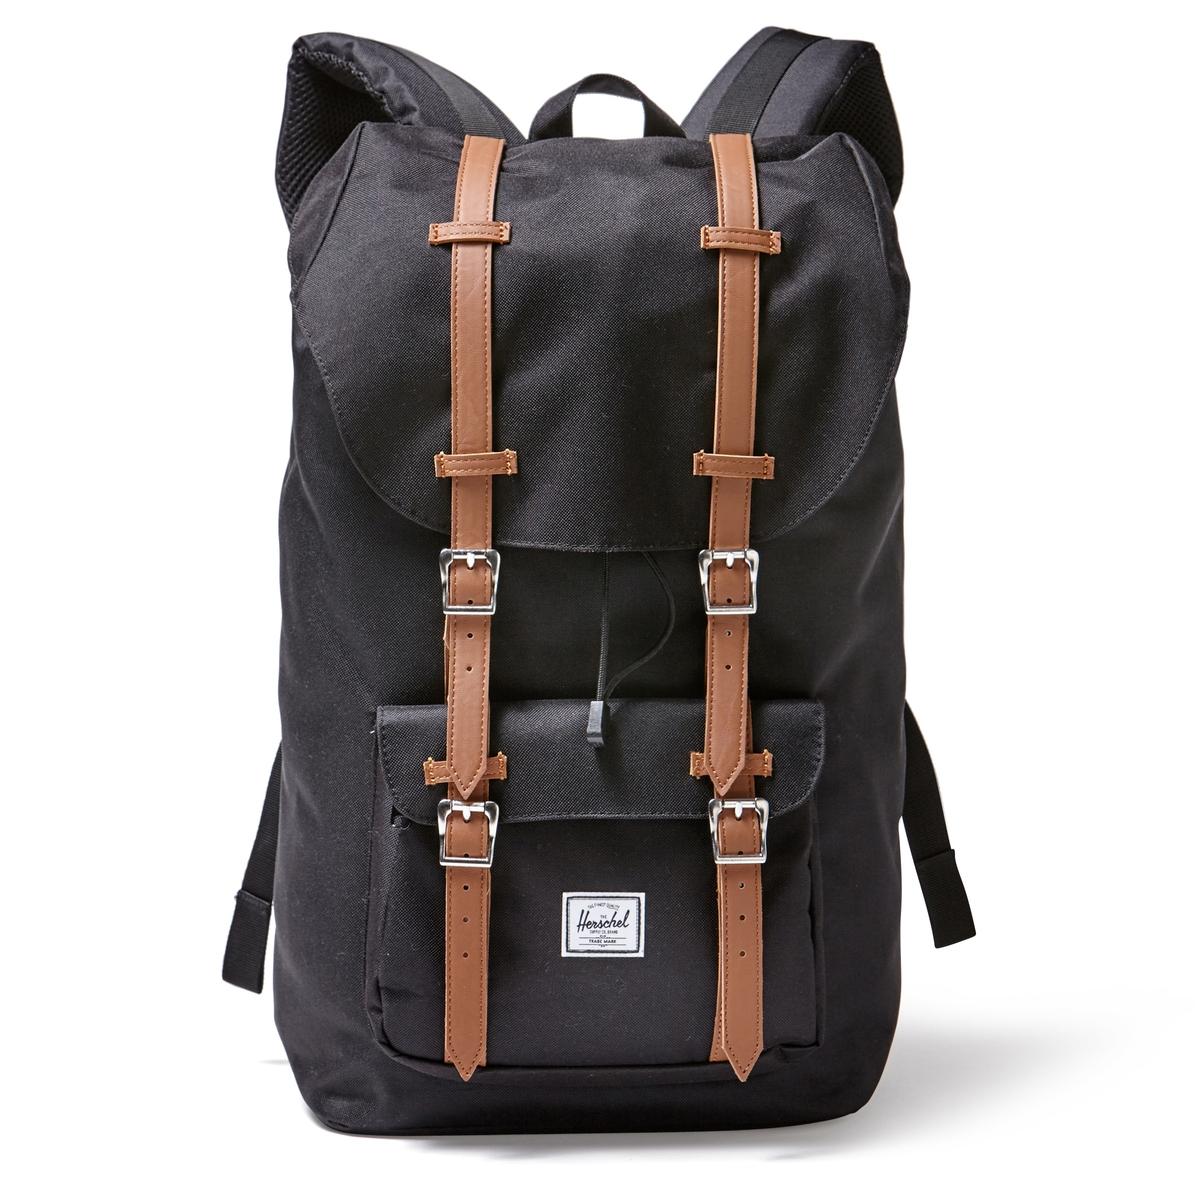 РюкзакОписание:Рюкзак HERSCHEL. 100% полиэстер. Регулируемые ручки. Небольшой внешний карман. Застежка на магниты. Внутреннее отделение для ноутбука.Размеры : 28 x 13 x 45 см.<br><br>Цвет: черный